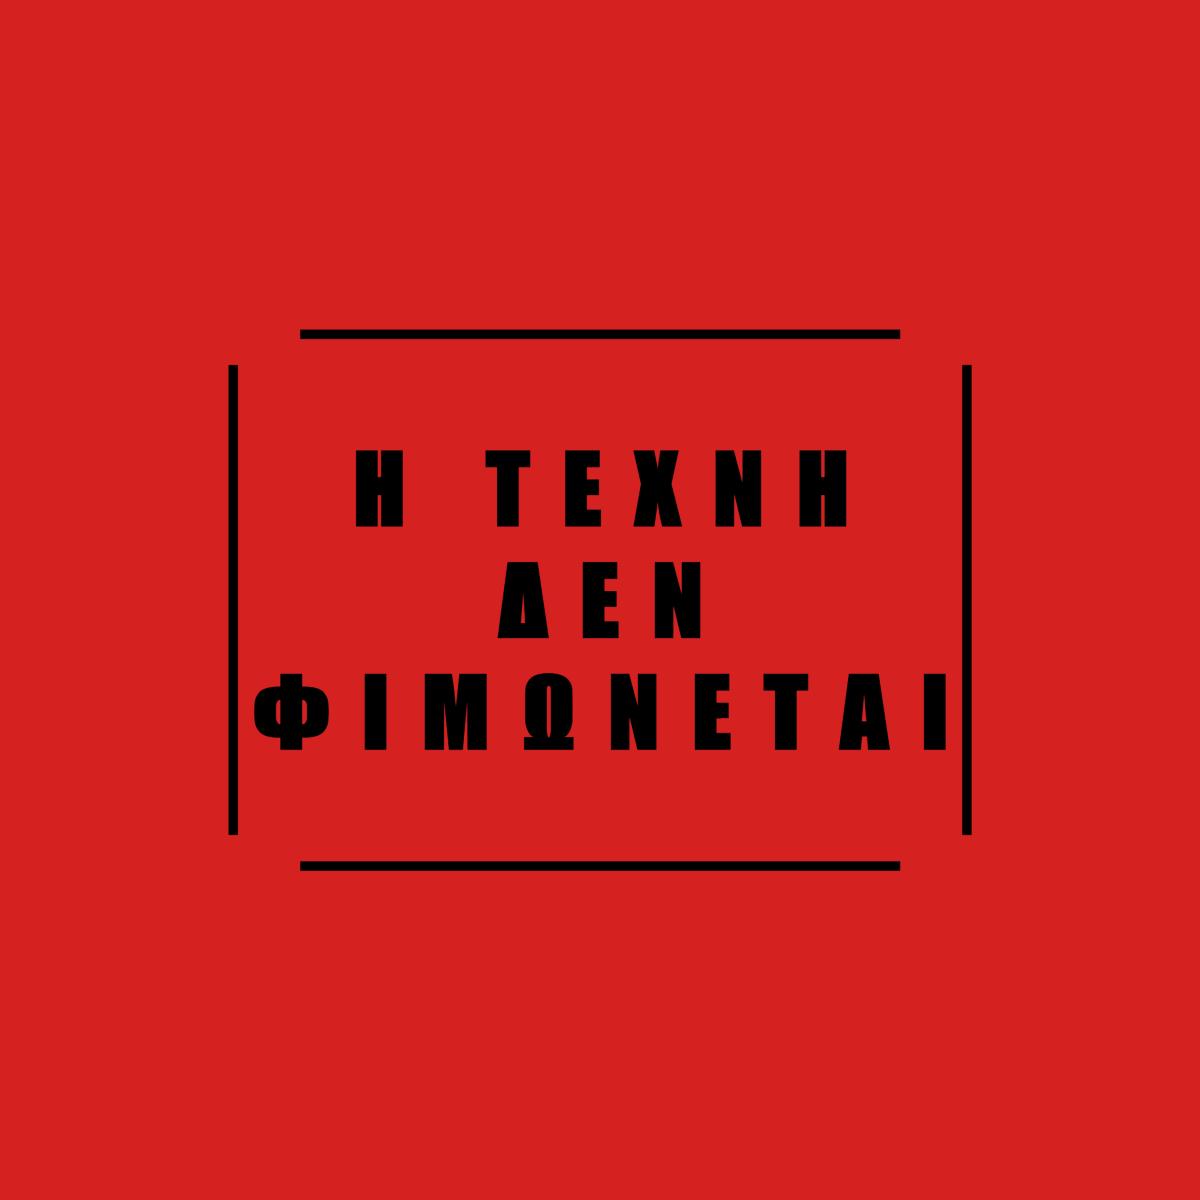 h-texnh-den-fimwnetai